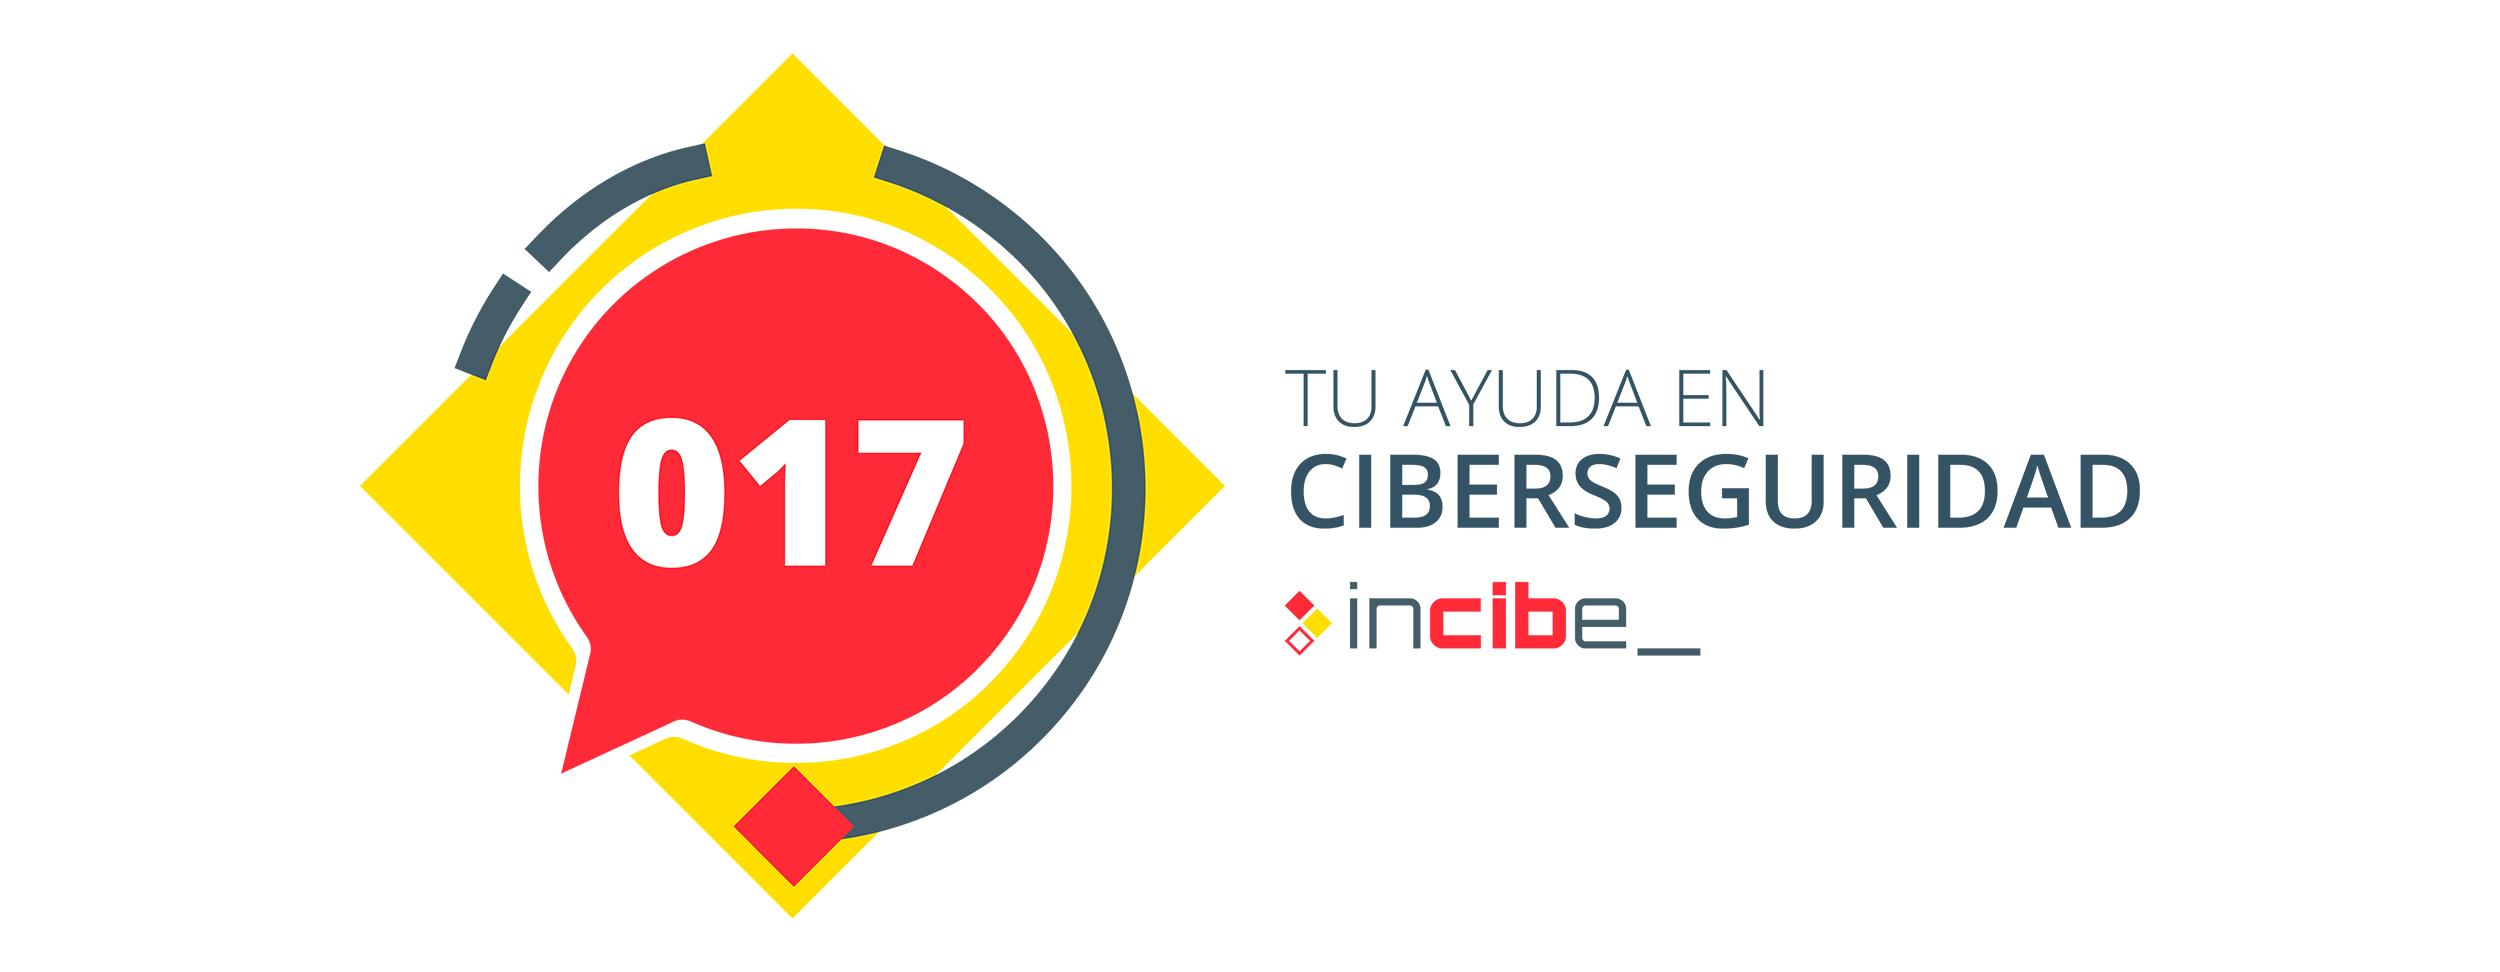 017 Tu ayuda en ciberseguridad INCIBE